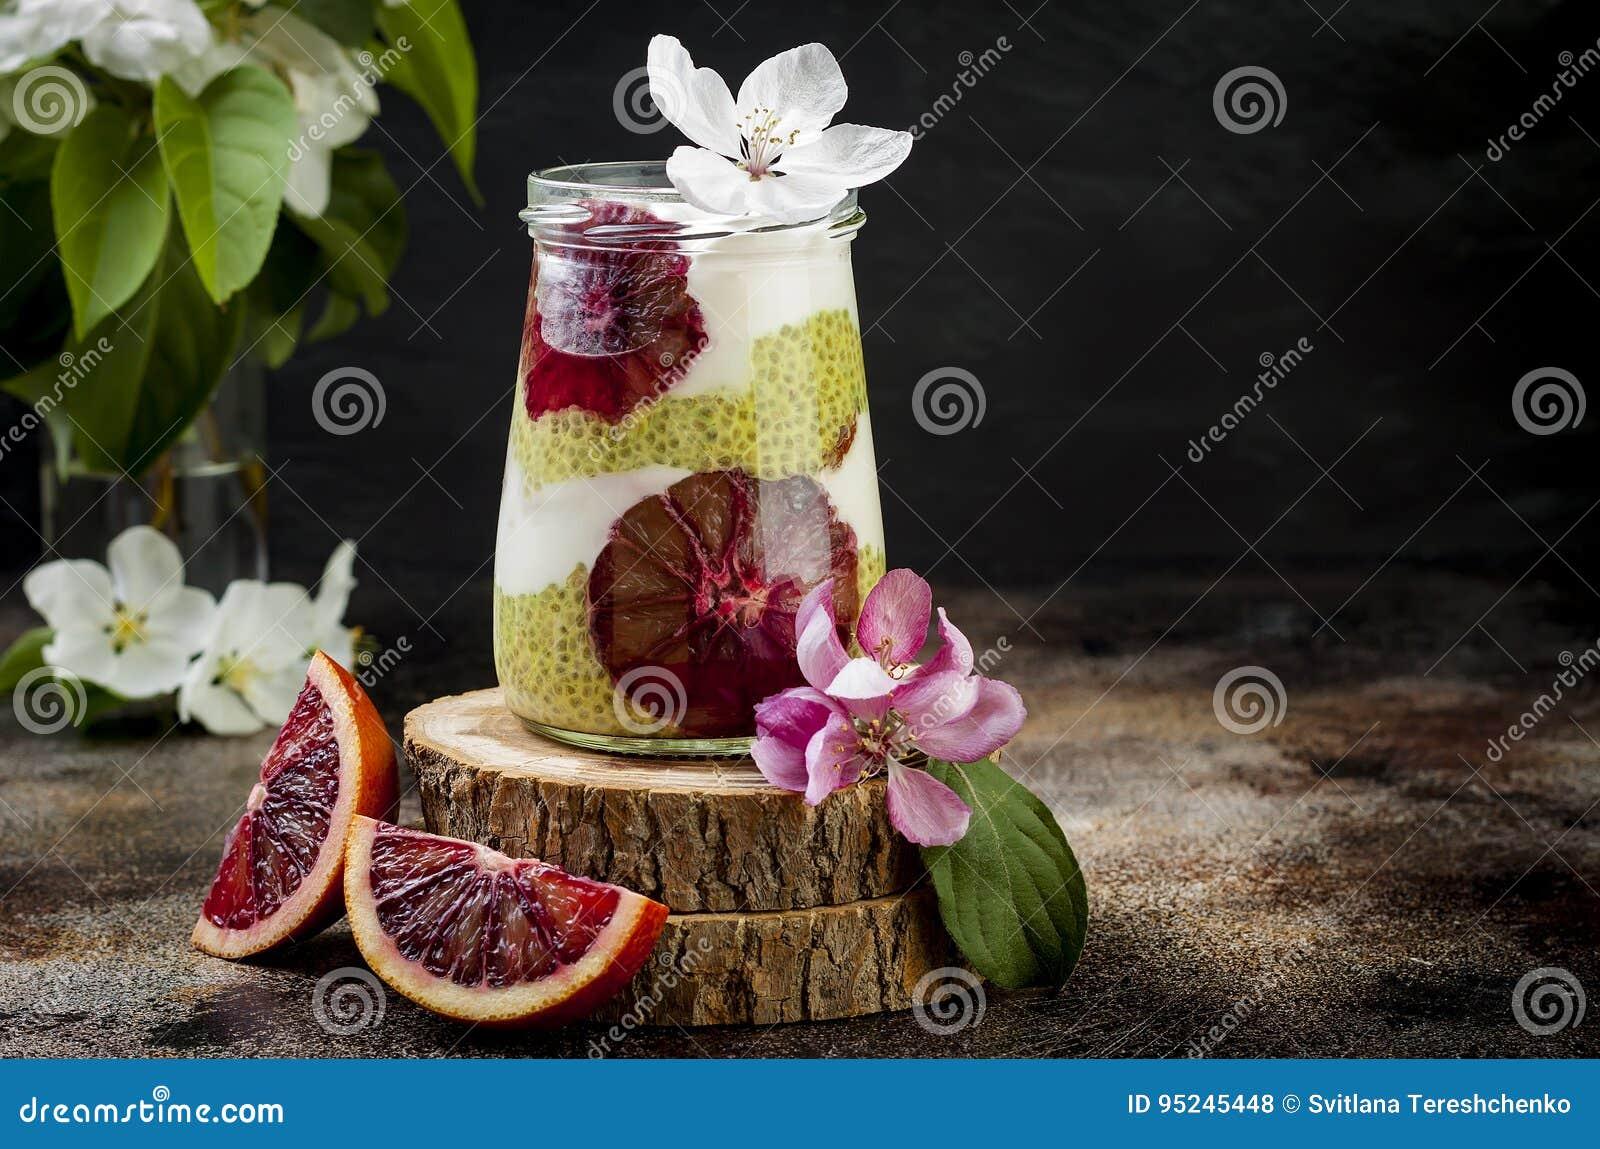 戒毒所分层了堆积matcha绿茶chia种子布丁用血橙 素食主义者点心用椰子鞭打了奶油